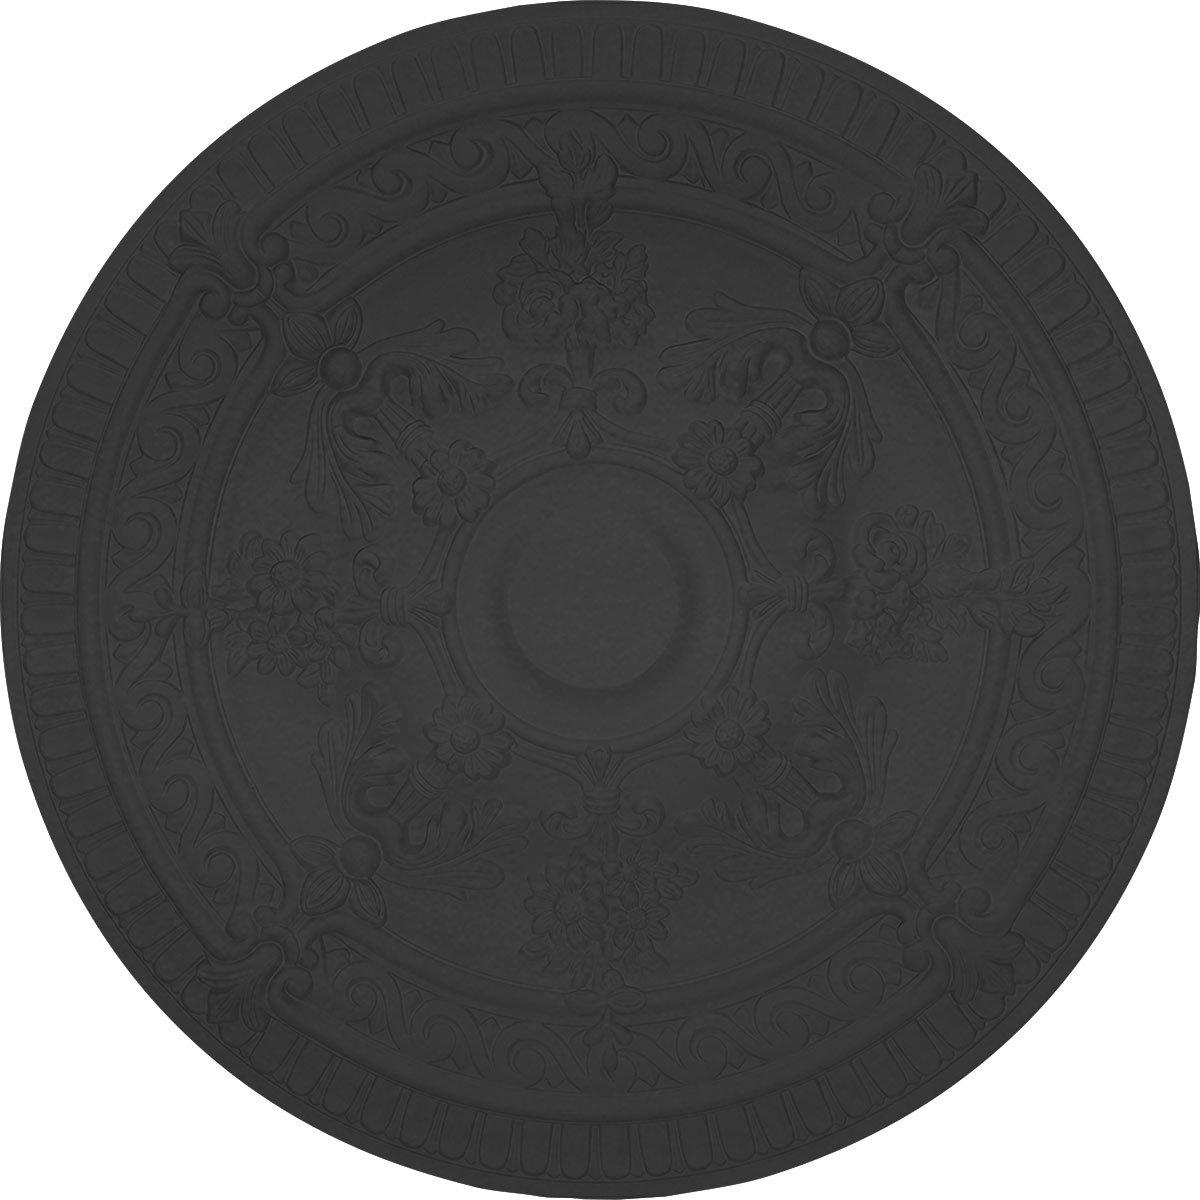 Ekena Millwork CM26VIBLF Vincent Ceiling Medallion, 26'' x 3'', Jet Black